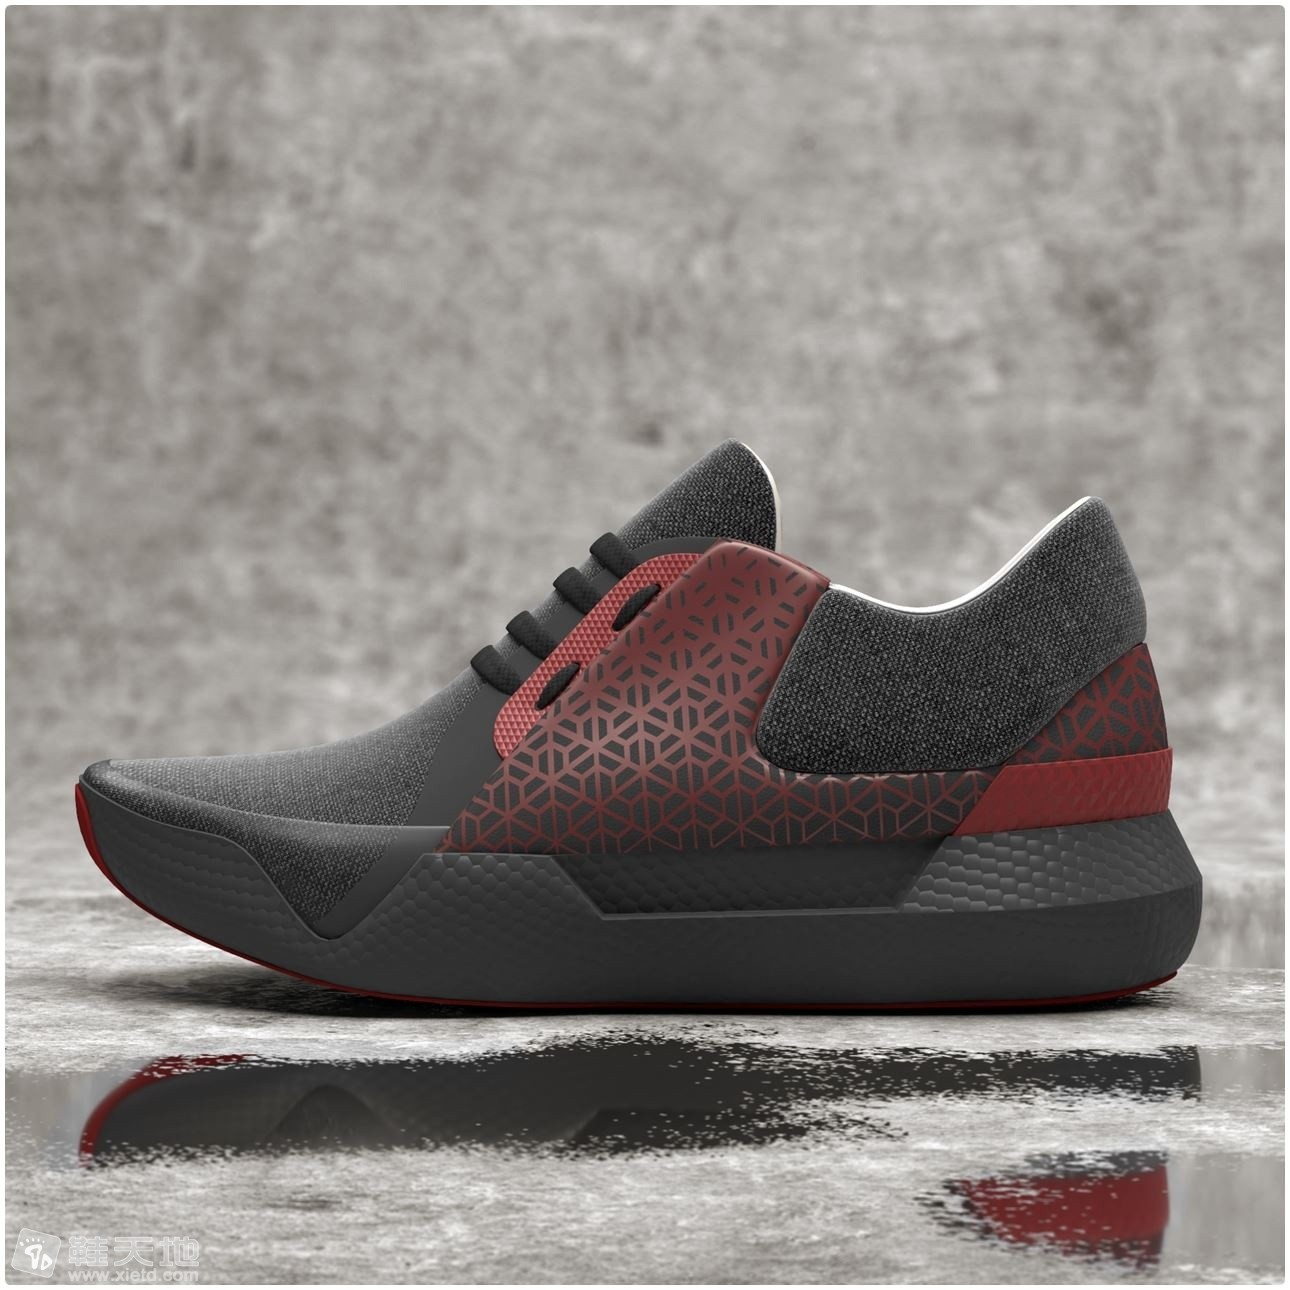 Sneaker concept (9).jpg